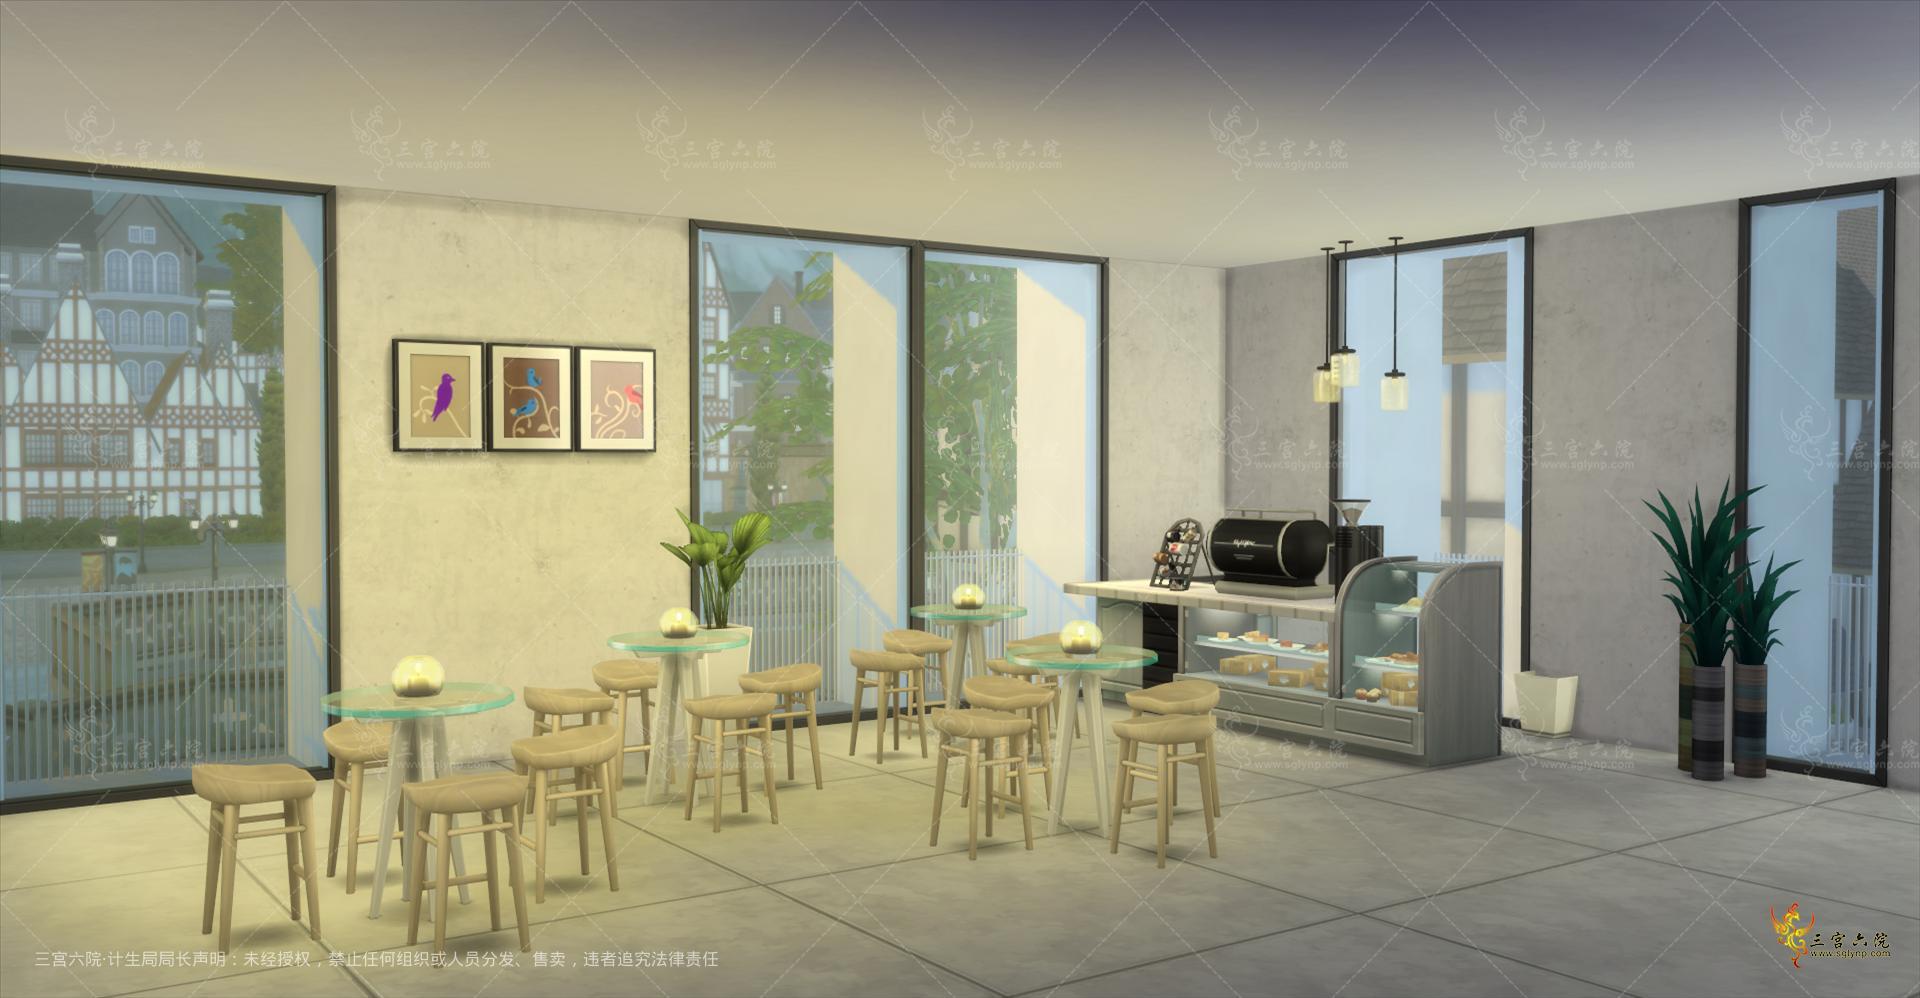 Sims 4 Screenshot 2021.09.19 - 15.03.21.01.png